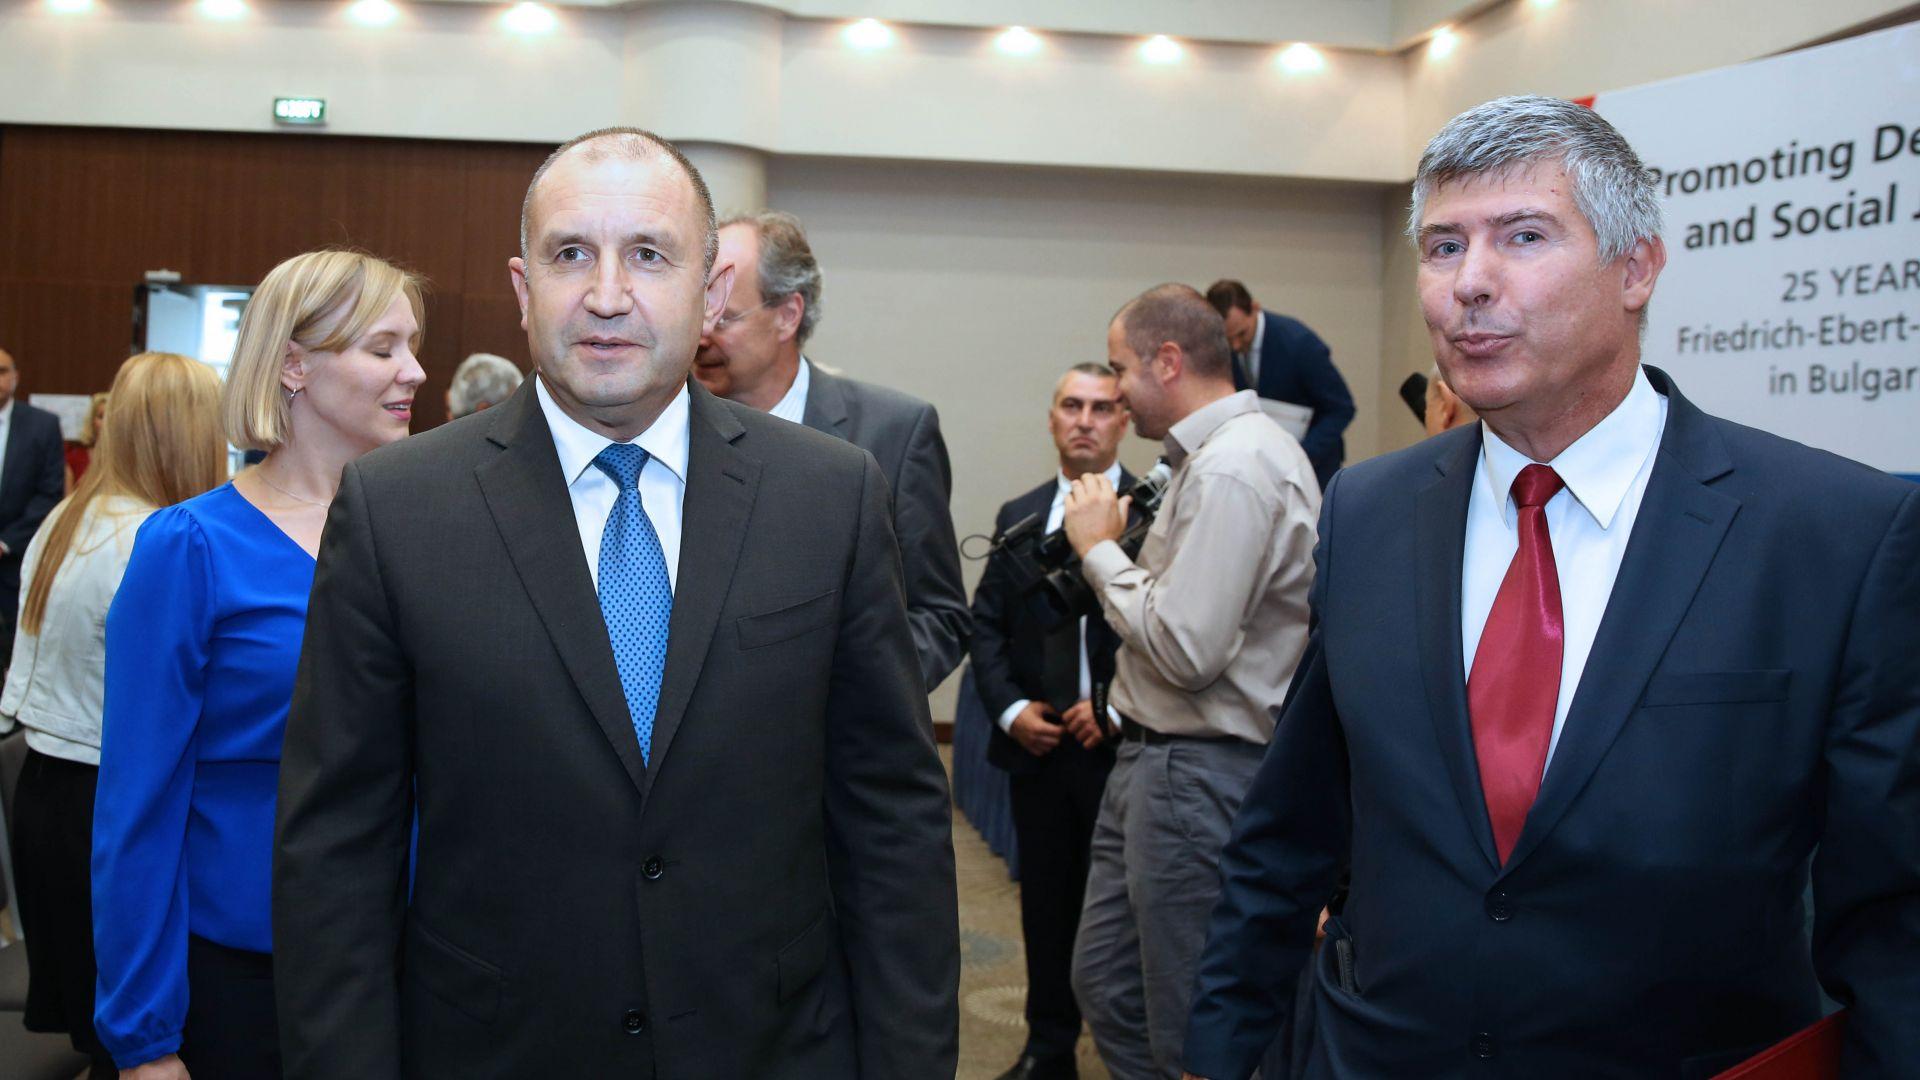 Радев: Опустошителната демографска криза е най-голяма заплаха за България